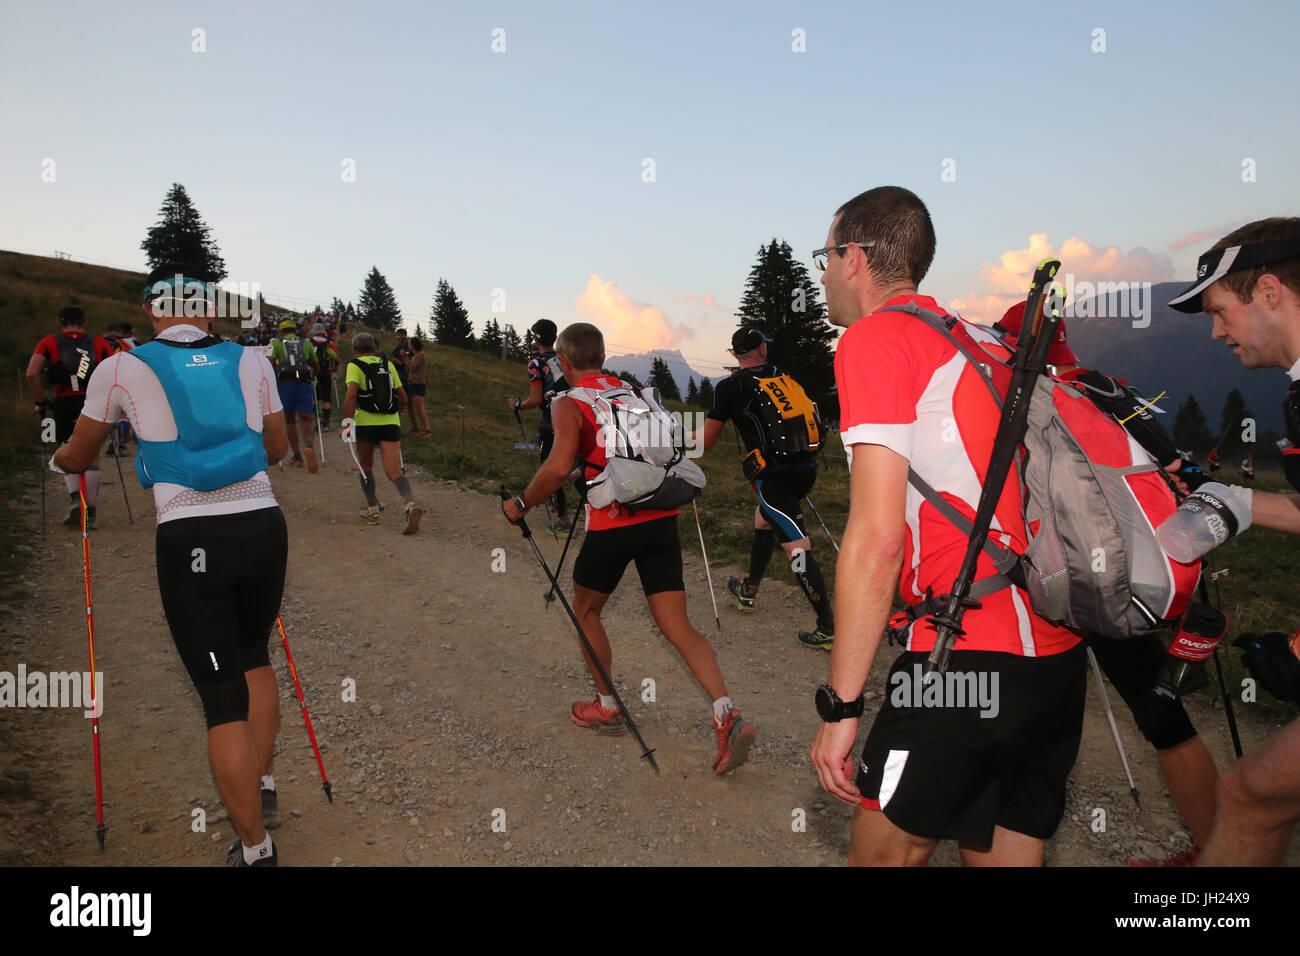 Il Ultra-Trail du Mont-Blanc. Un singolo stadio ultramarathon di montagna nelle Alpi. La Francia. Immagini Stock